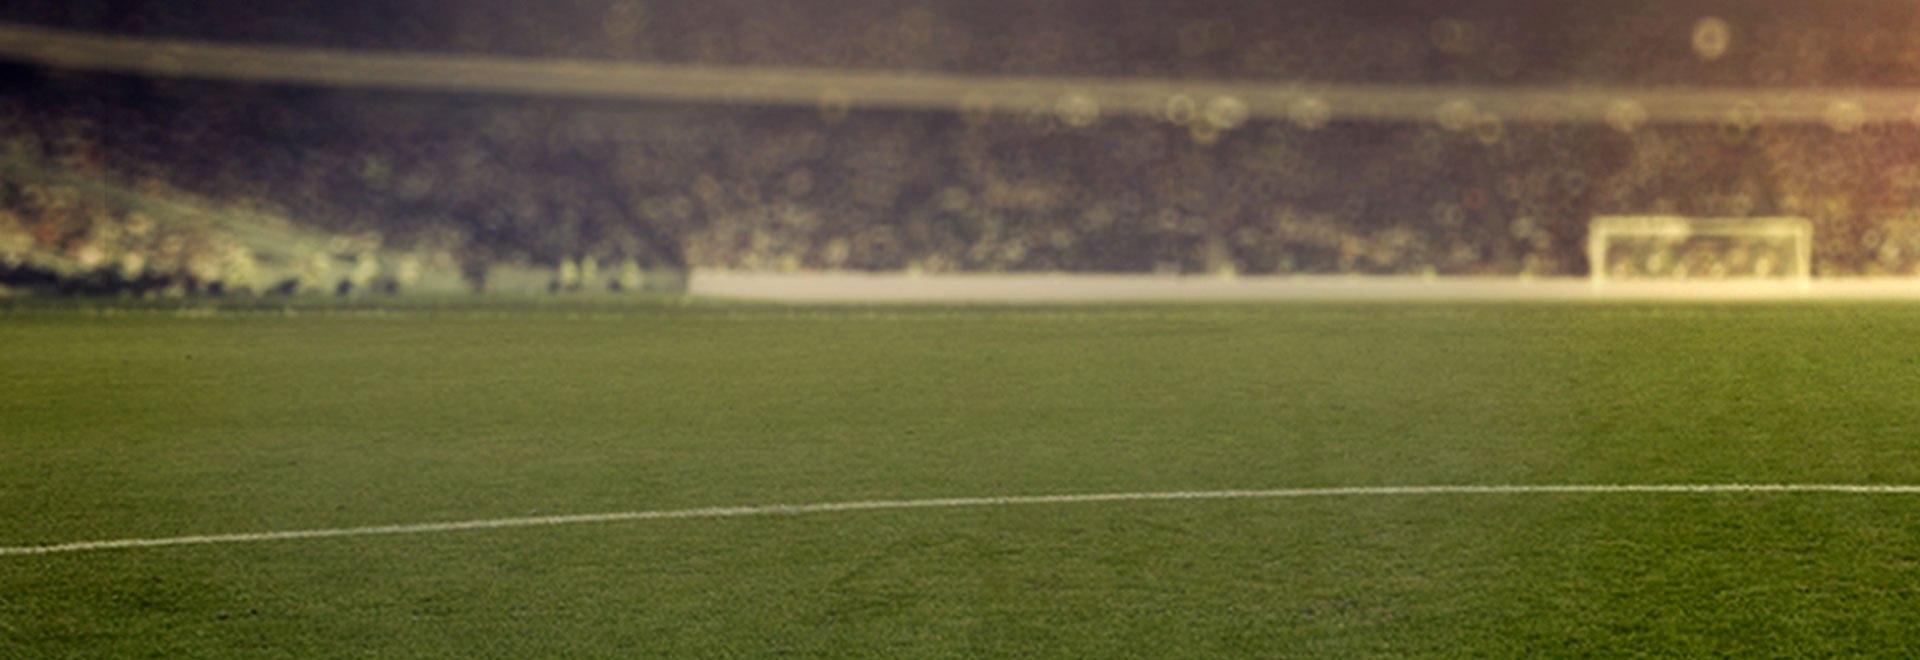 Borussia D. - Bayern Monaco